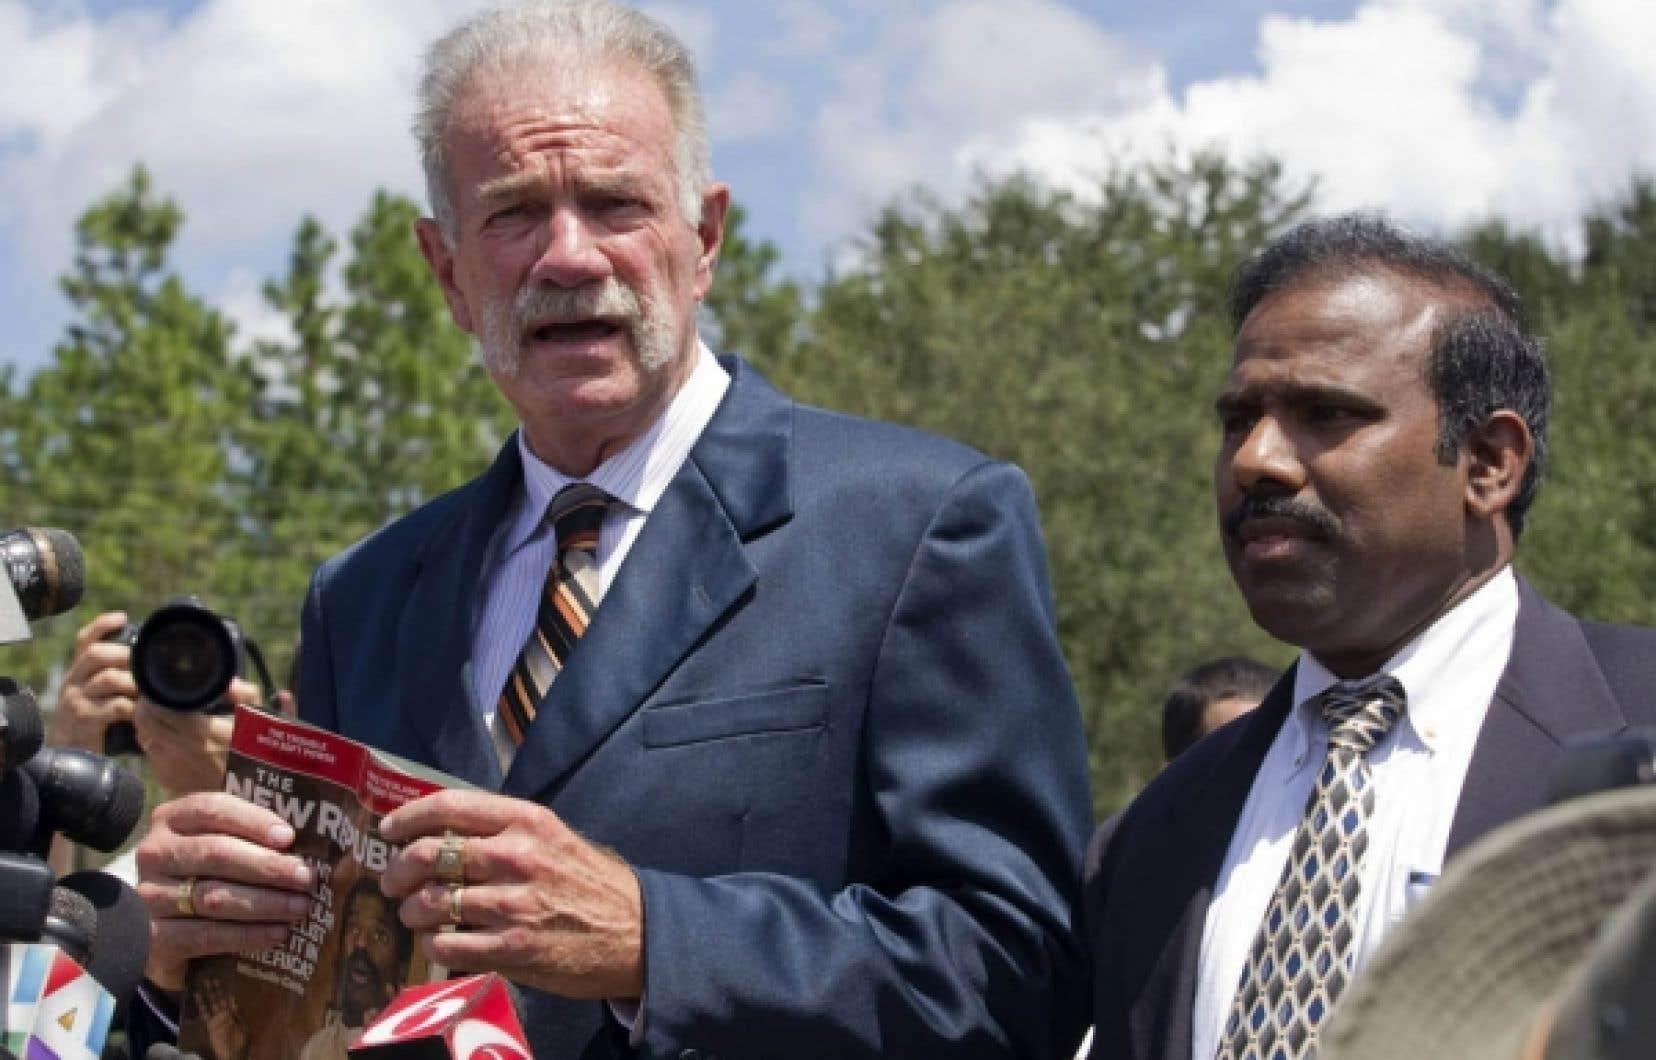 Terry Jones menace depuis plusieurs jours de brûler des exemplaires du Coran, ce qui a provoqué des explosions de colère dans les pays musulmans.